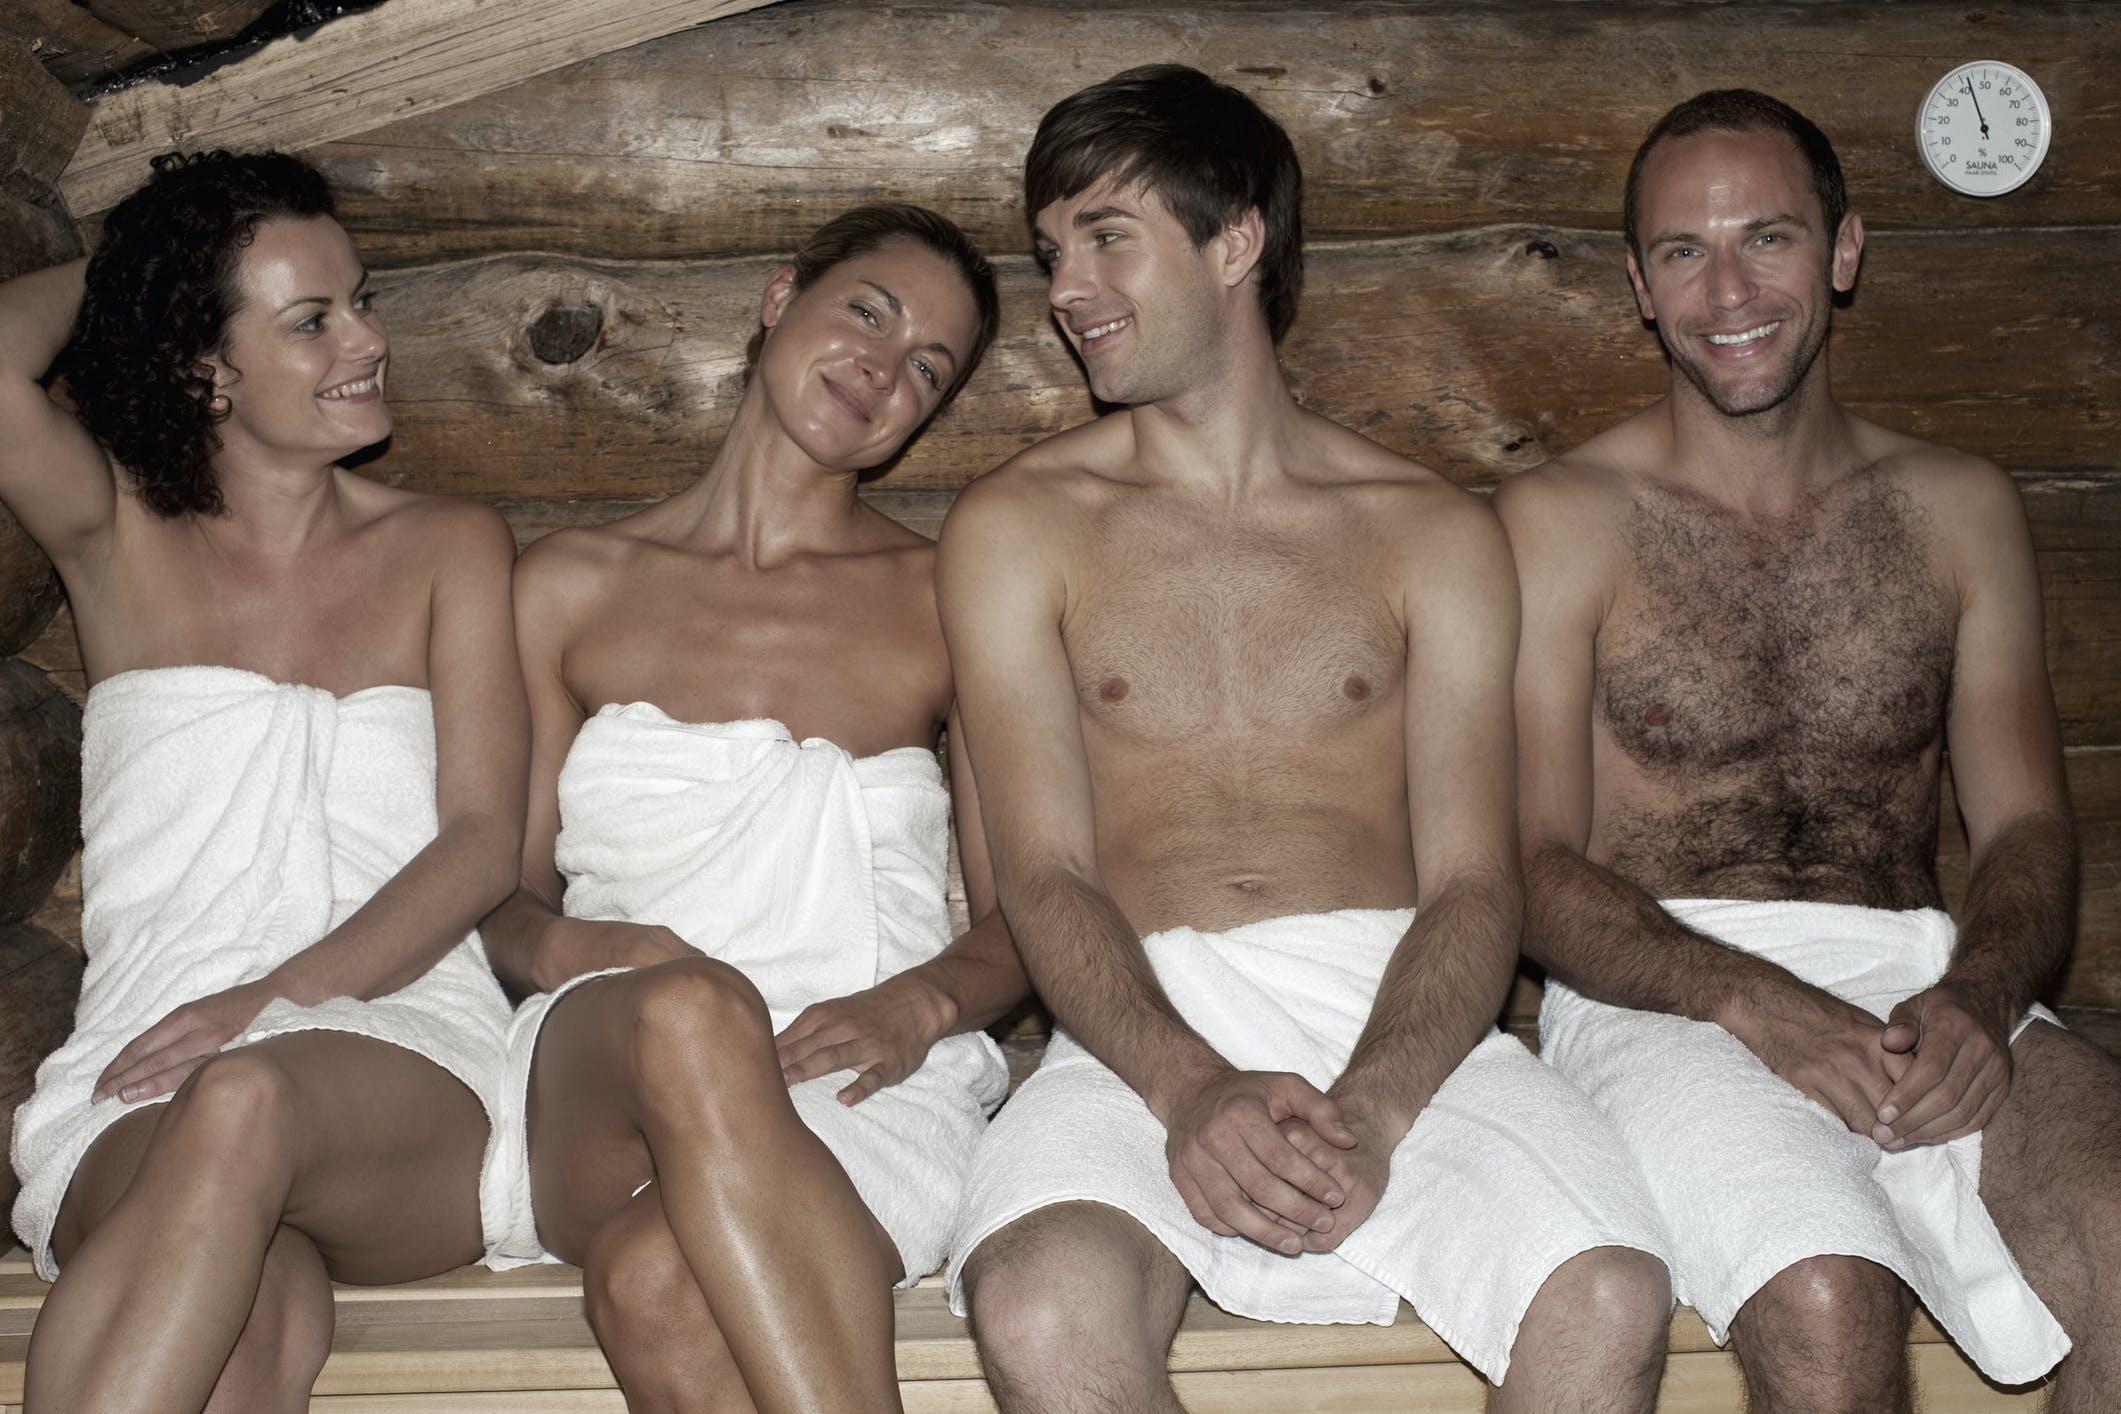 breitbeinig sauna